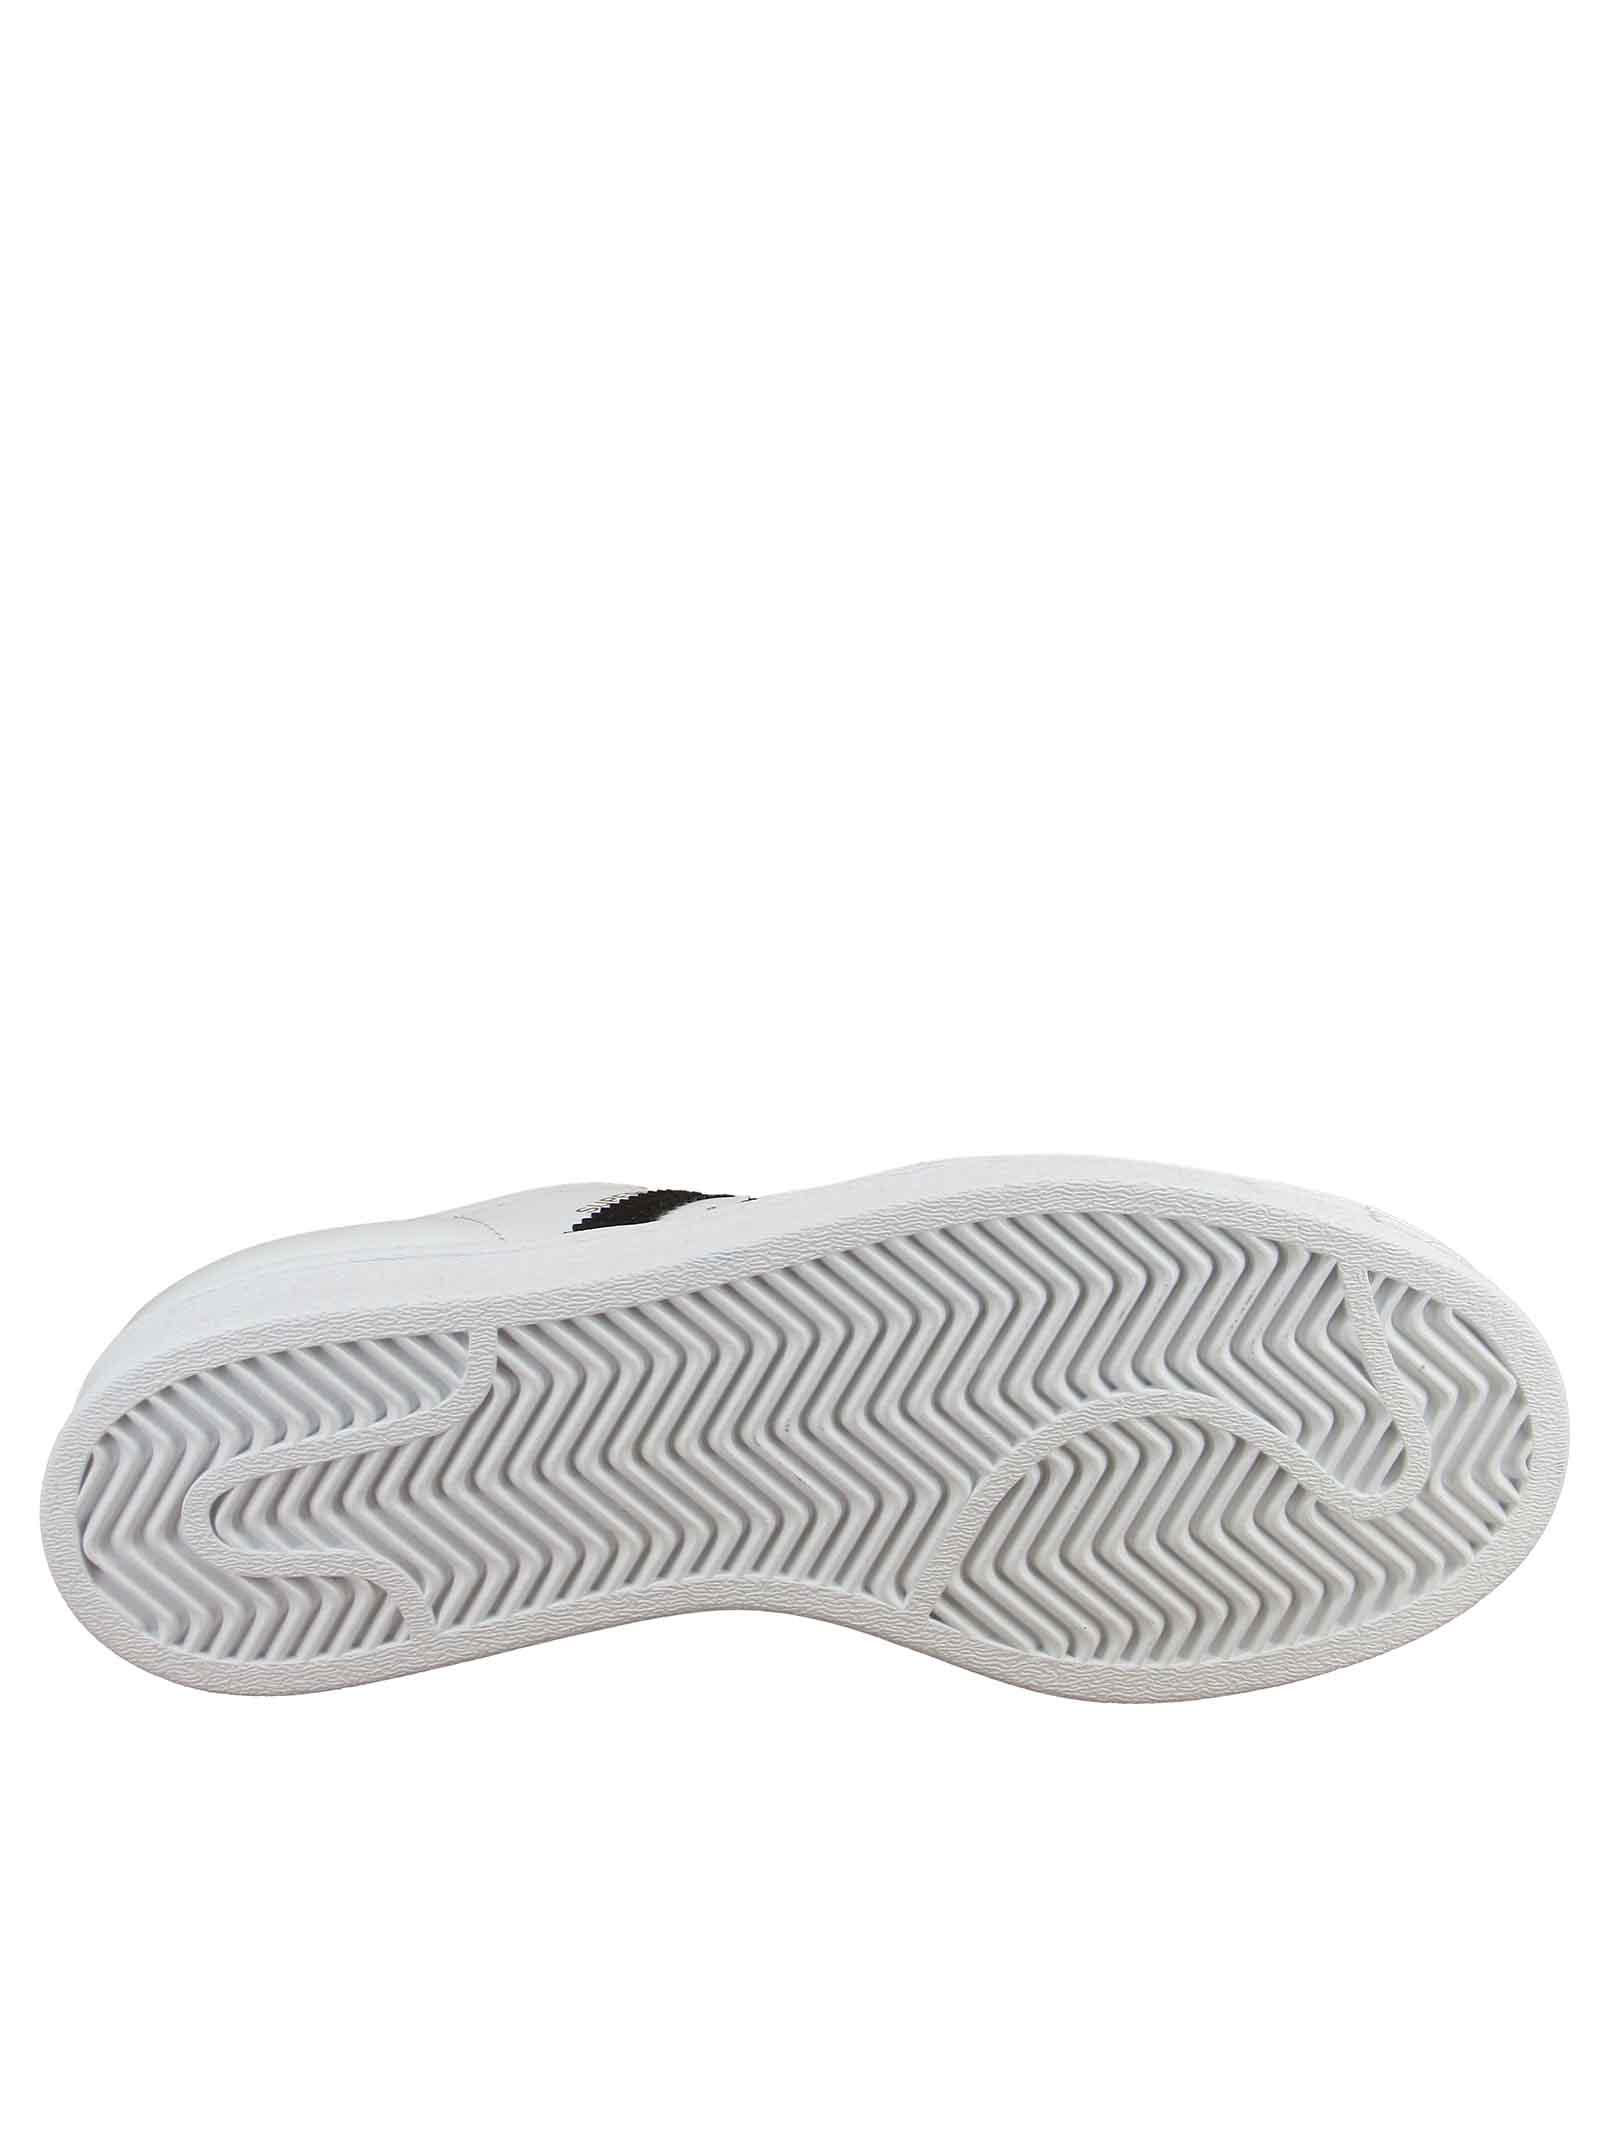 Calzature Donna Sneakers Superstar in Pelle Bianca e Nera FU7712 Adidas | Sneakers | SUPERSTAR JFU7712